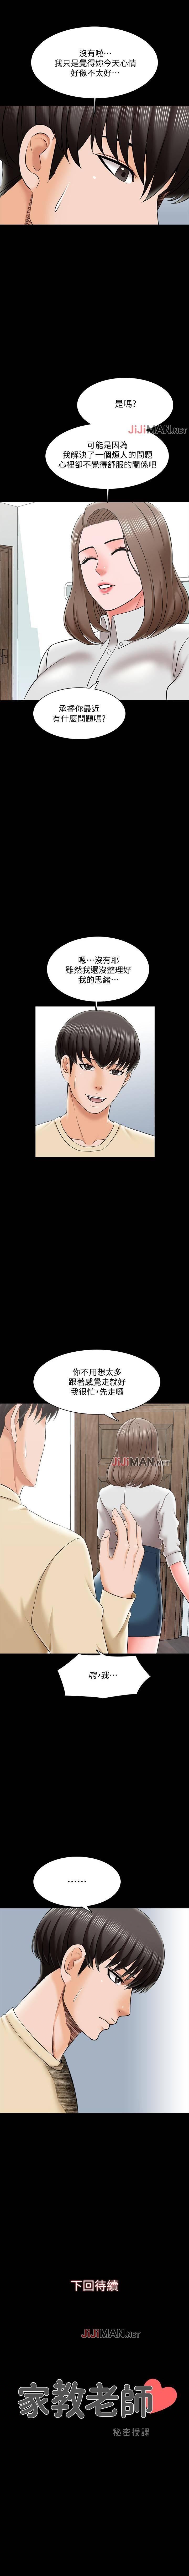 【周一连载】家教老师(作者: CreamMedia) 第1~43话 190